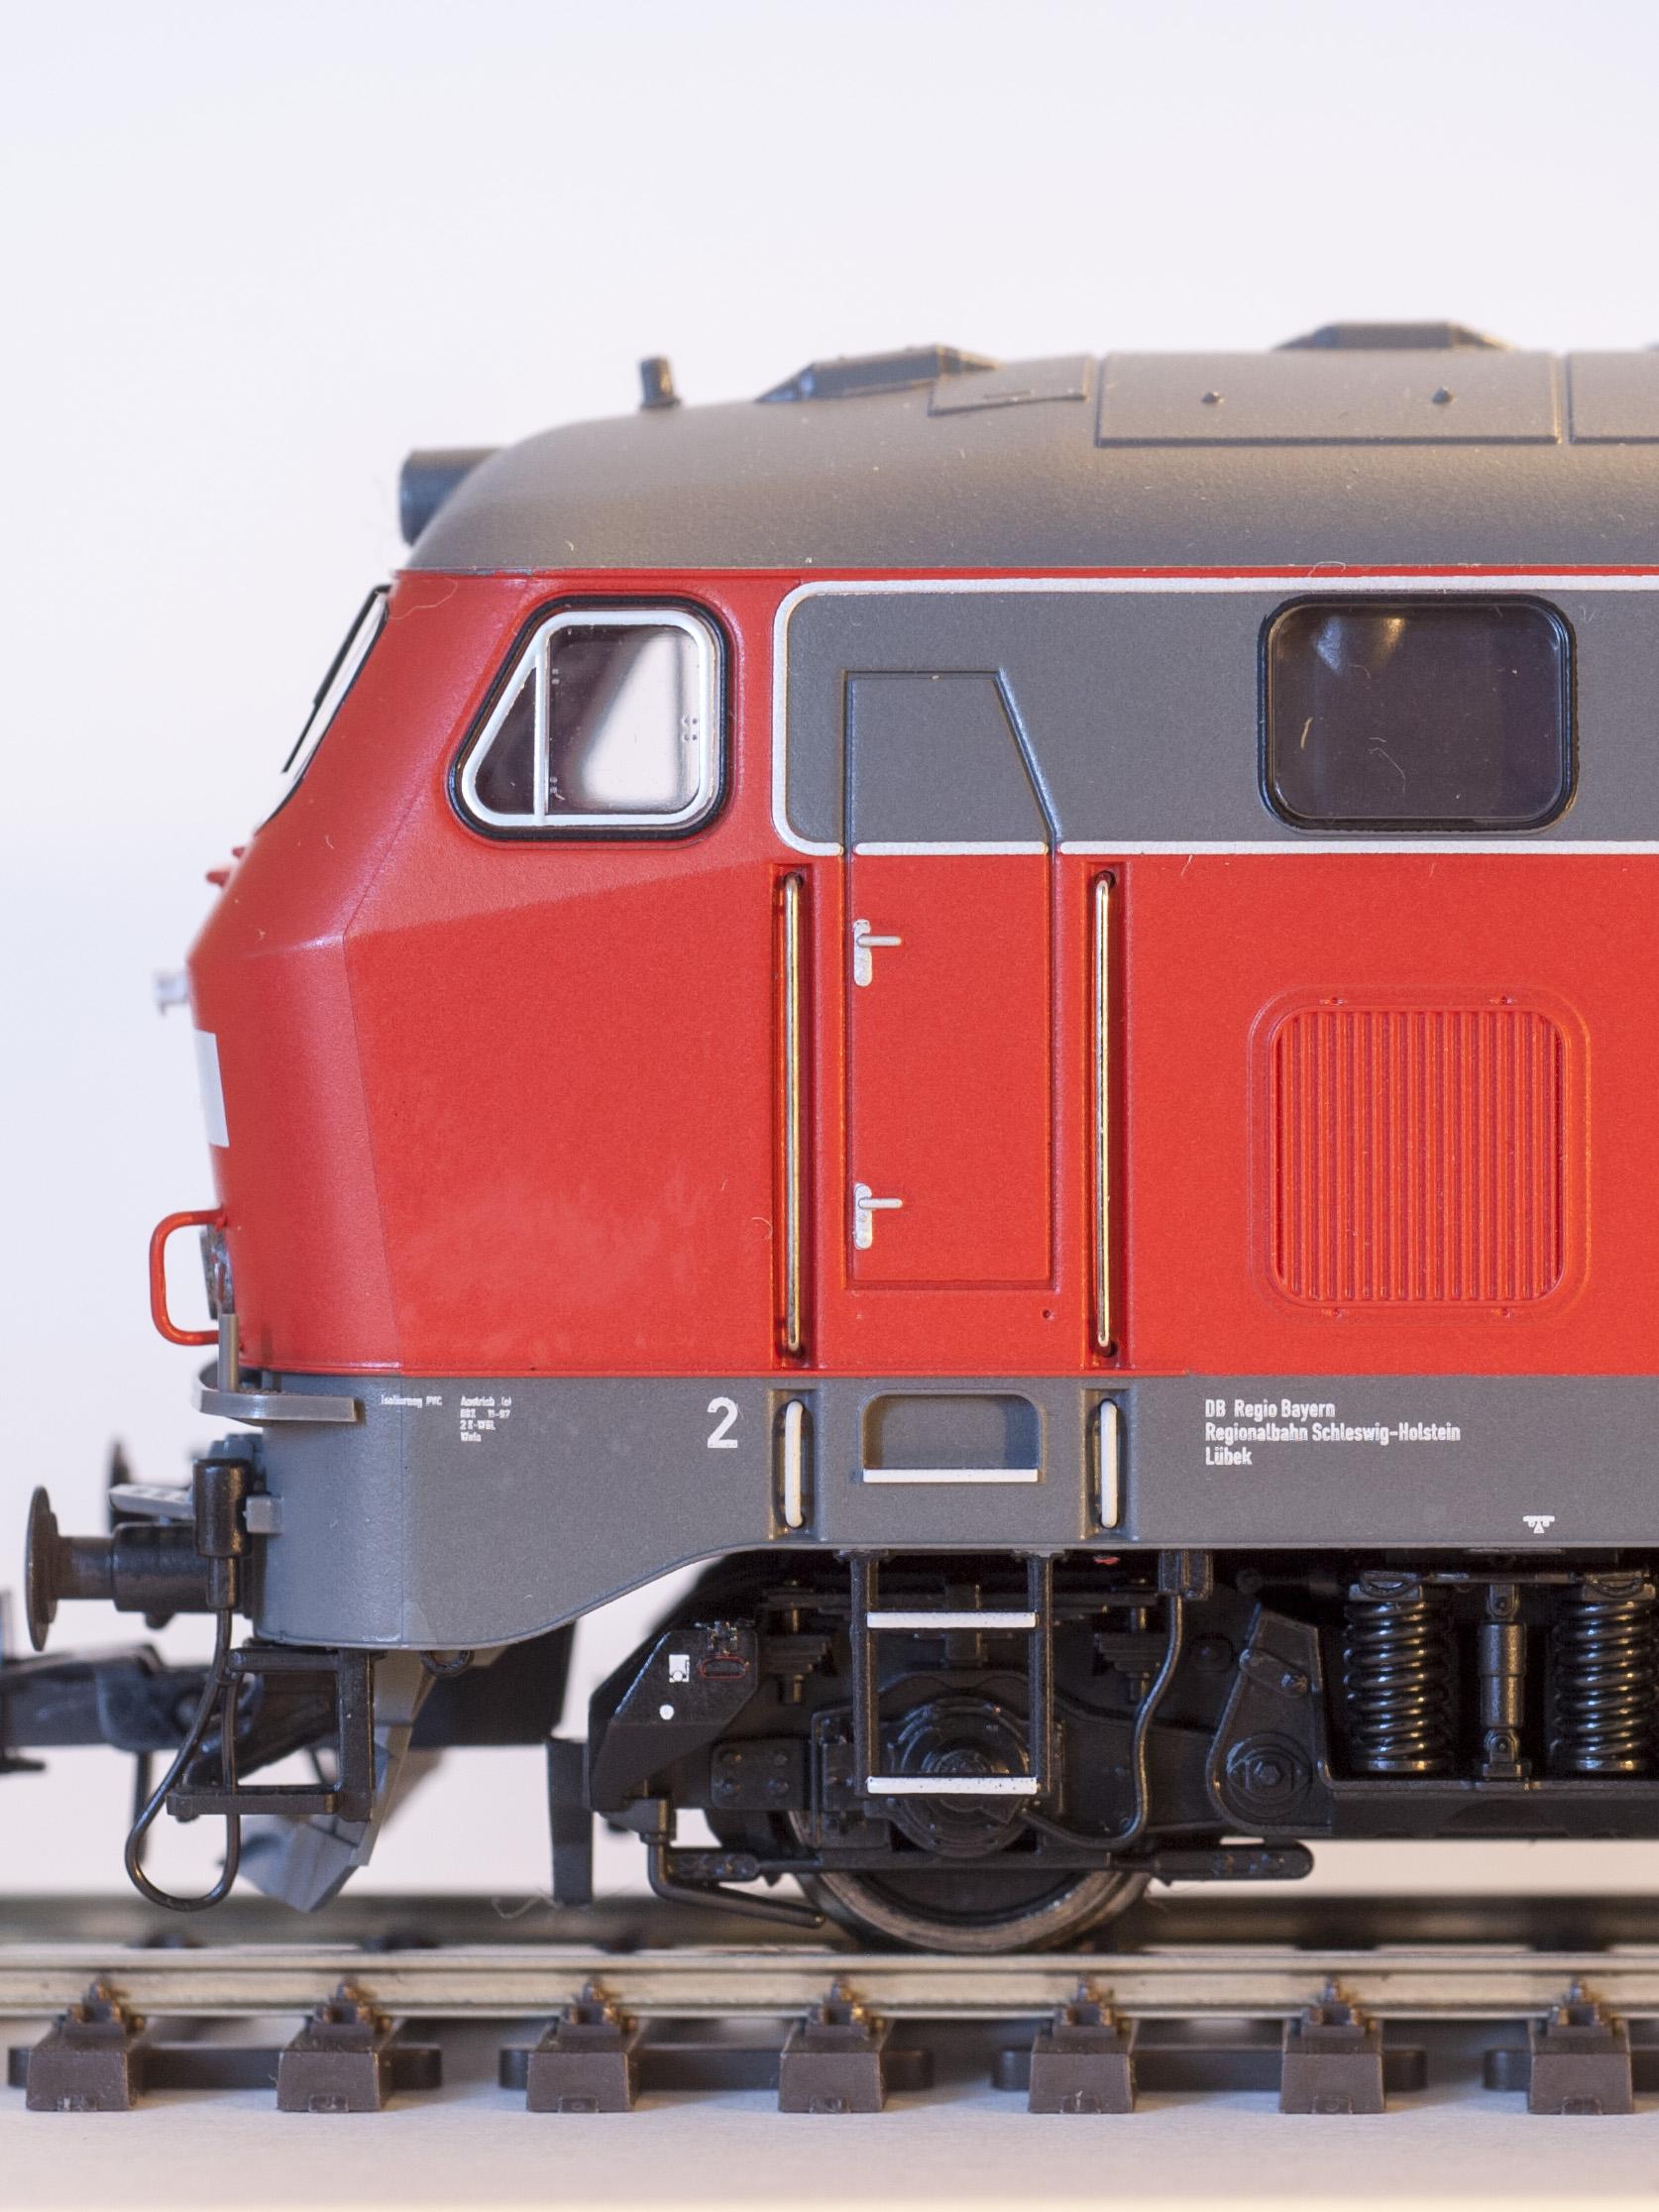 Modell der 212 252-5 in Verkehrsrot von Roco (Artikelnummer 72751) Regionalbahn Schleswig-Holstein REV HB X 25.11.97